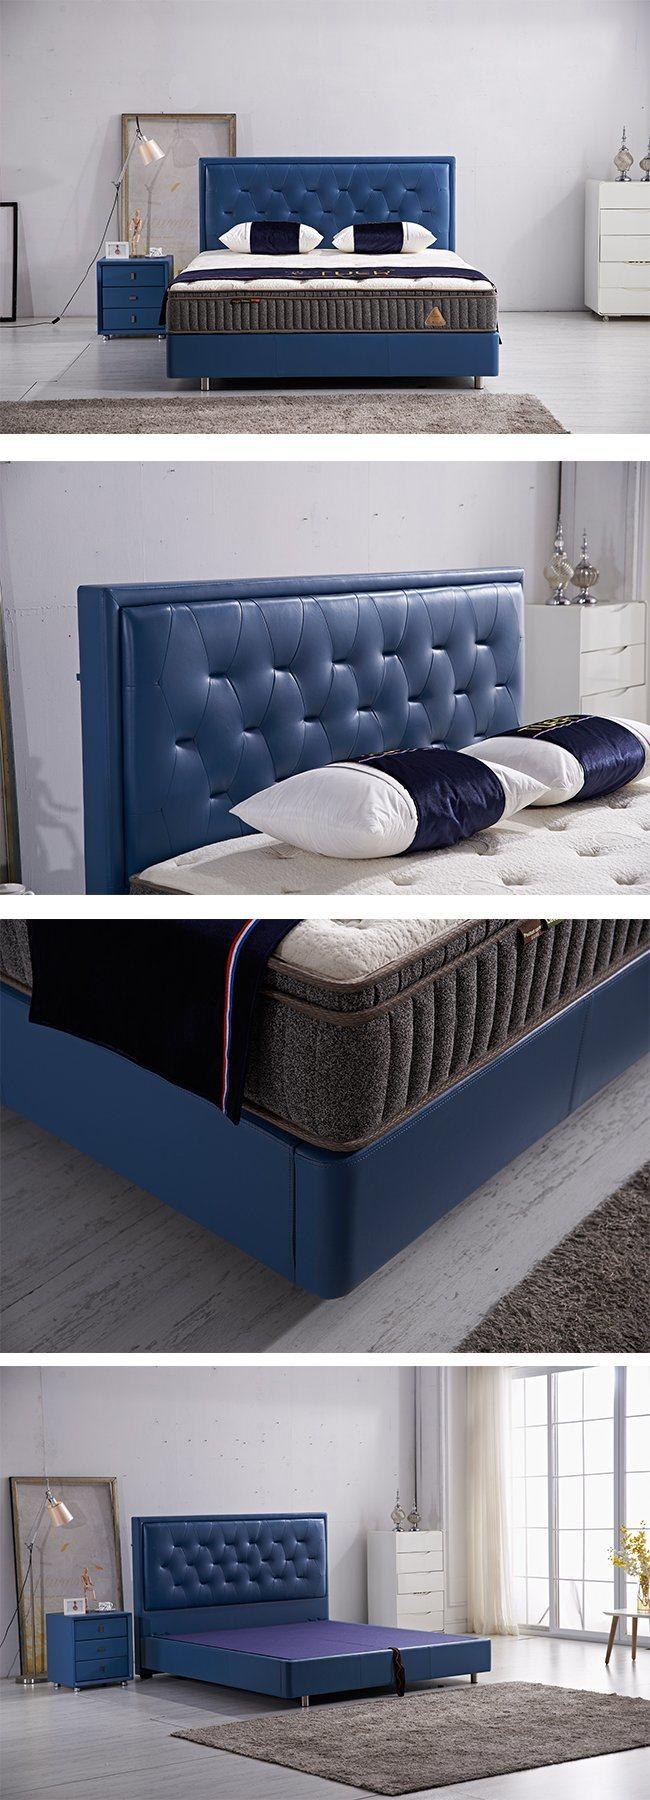 Cama King Size mejor calidad de colchón el bastidor para Muebles de ...